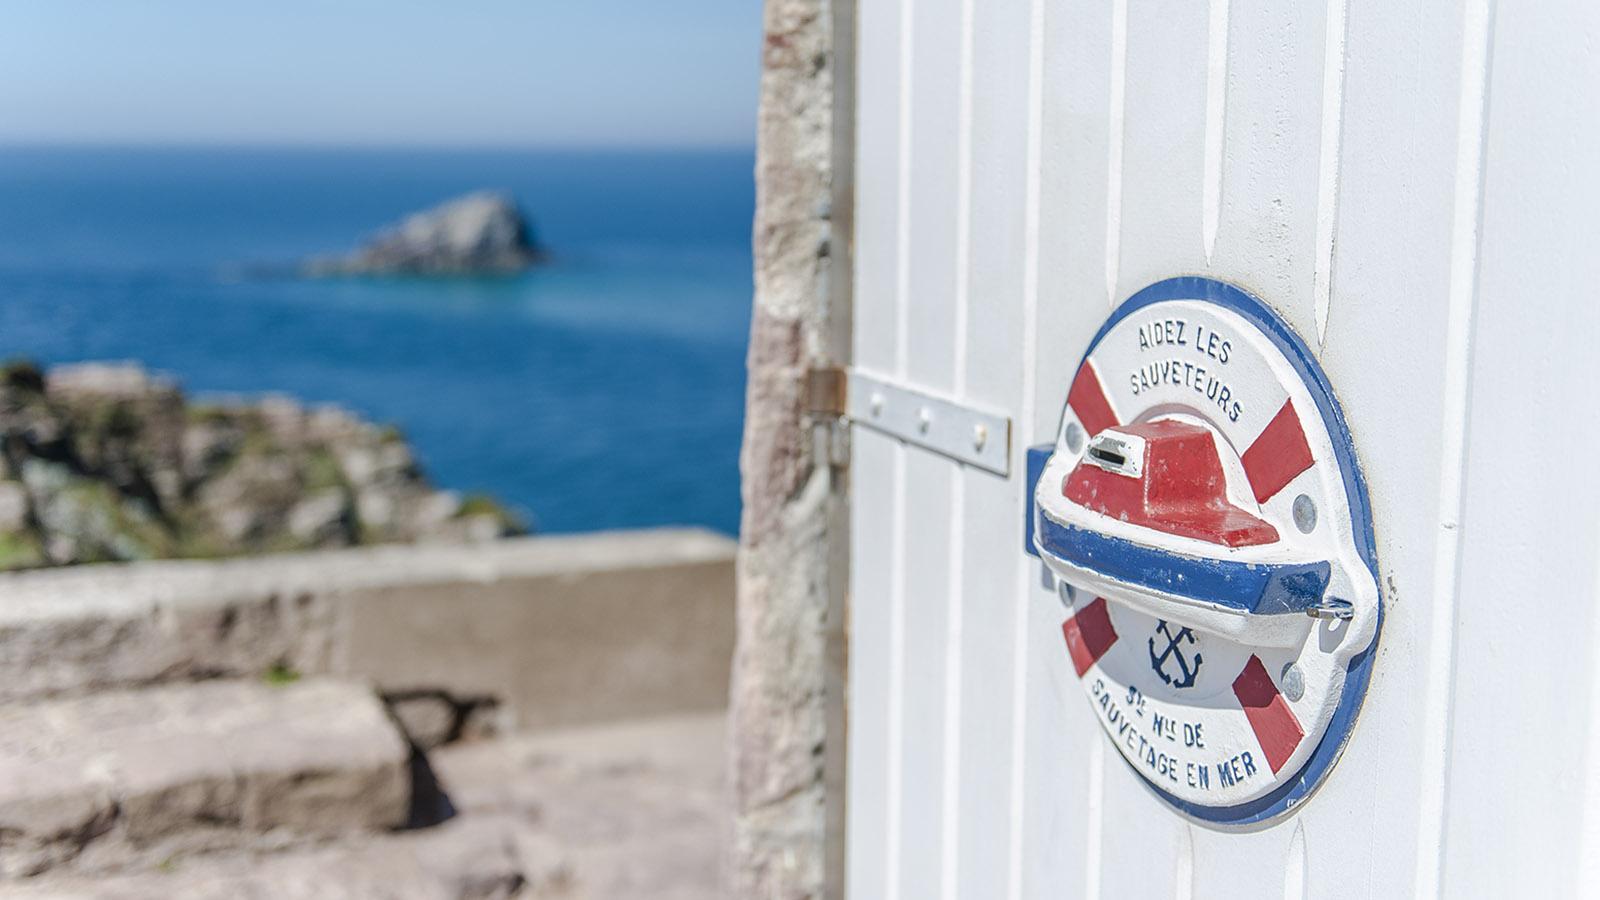 Cap Fréhel: Sammelbox für die Seenotrettung. Foto: Hilke Maunder